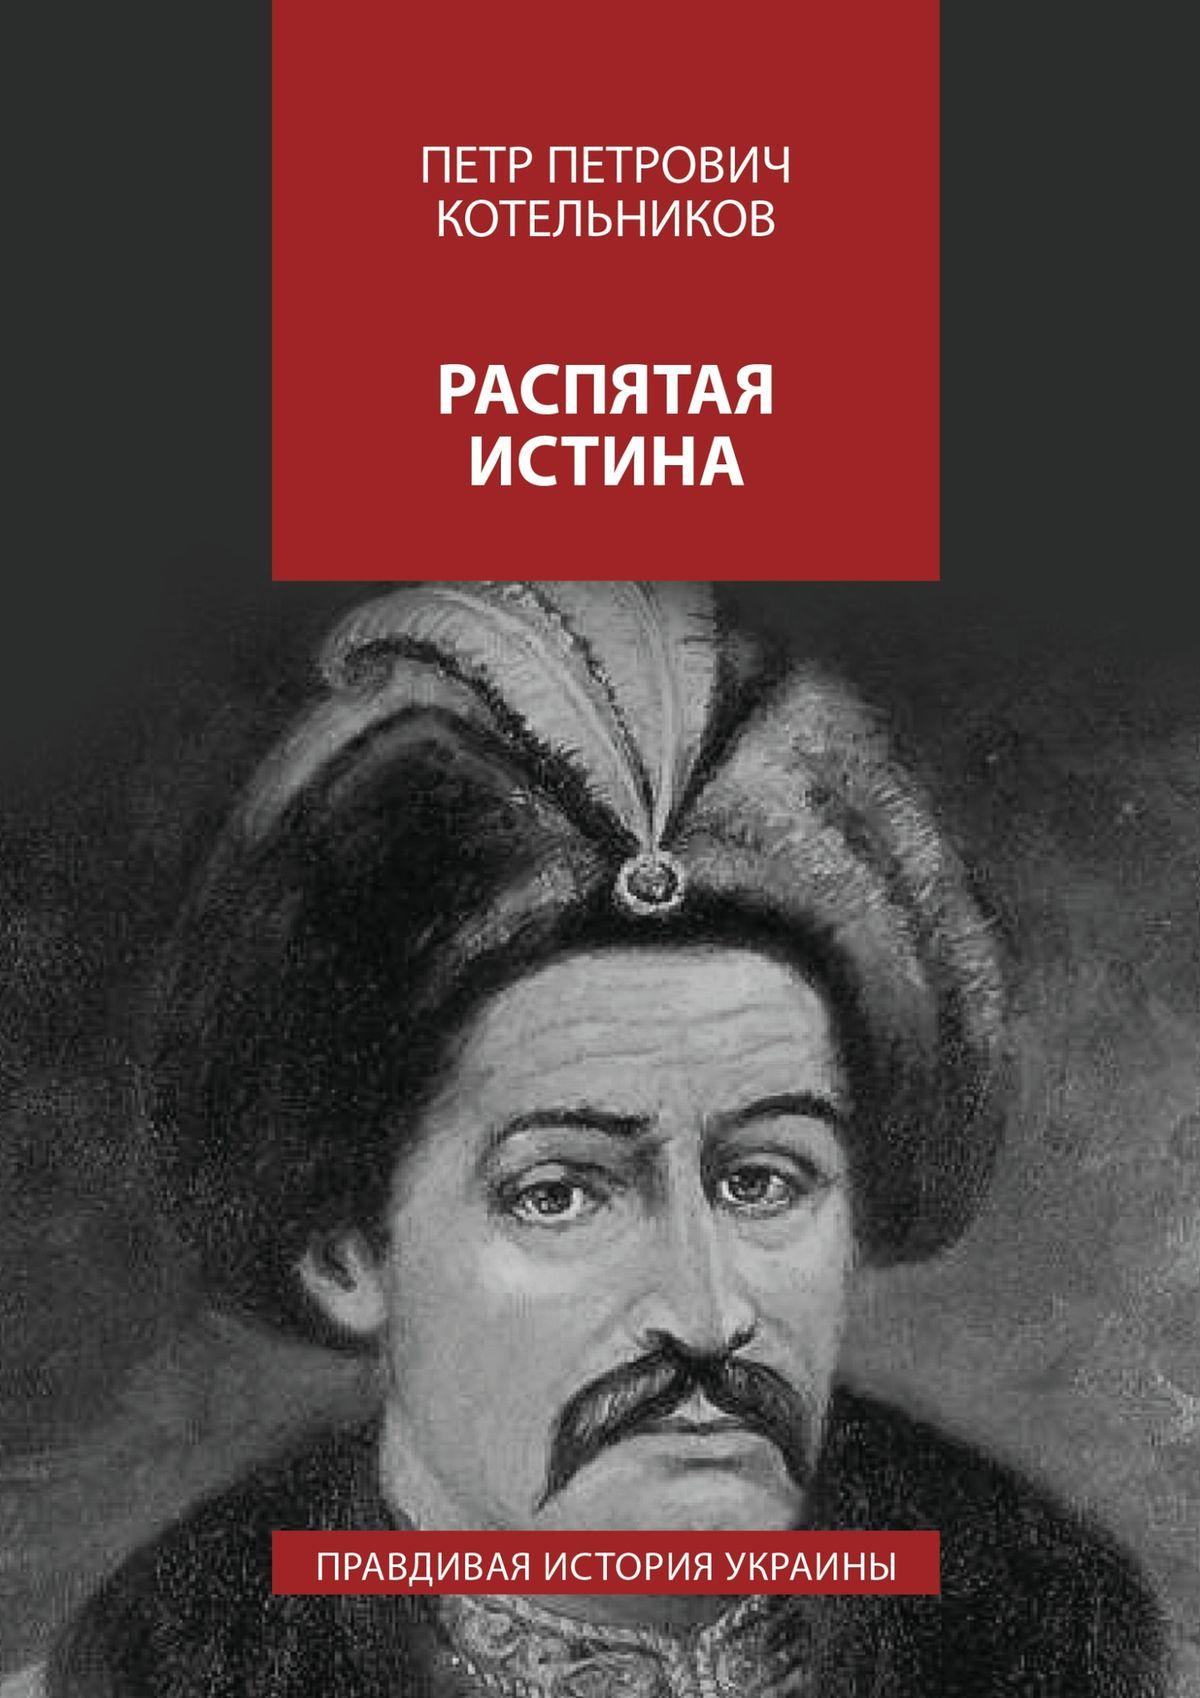 Распятая истина. Правдивая история Украины